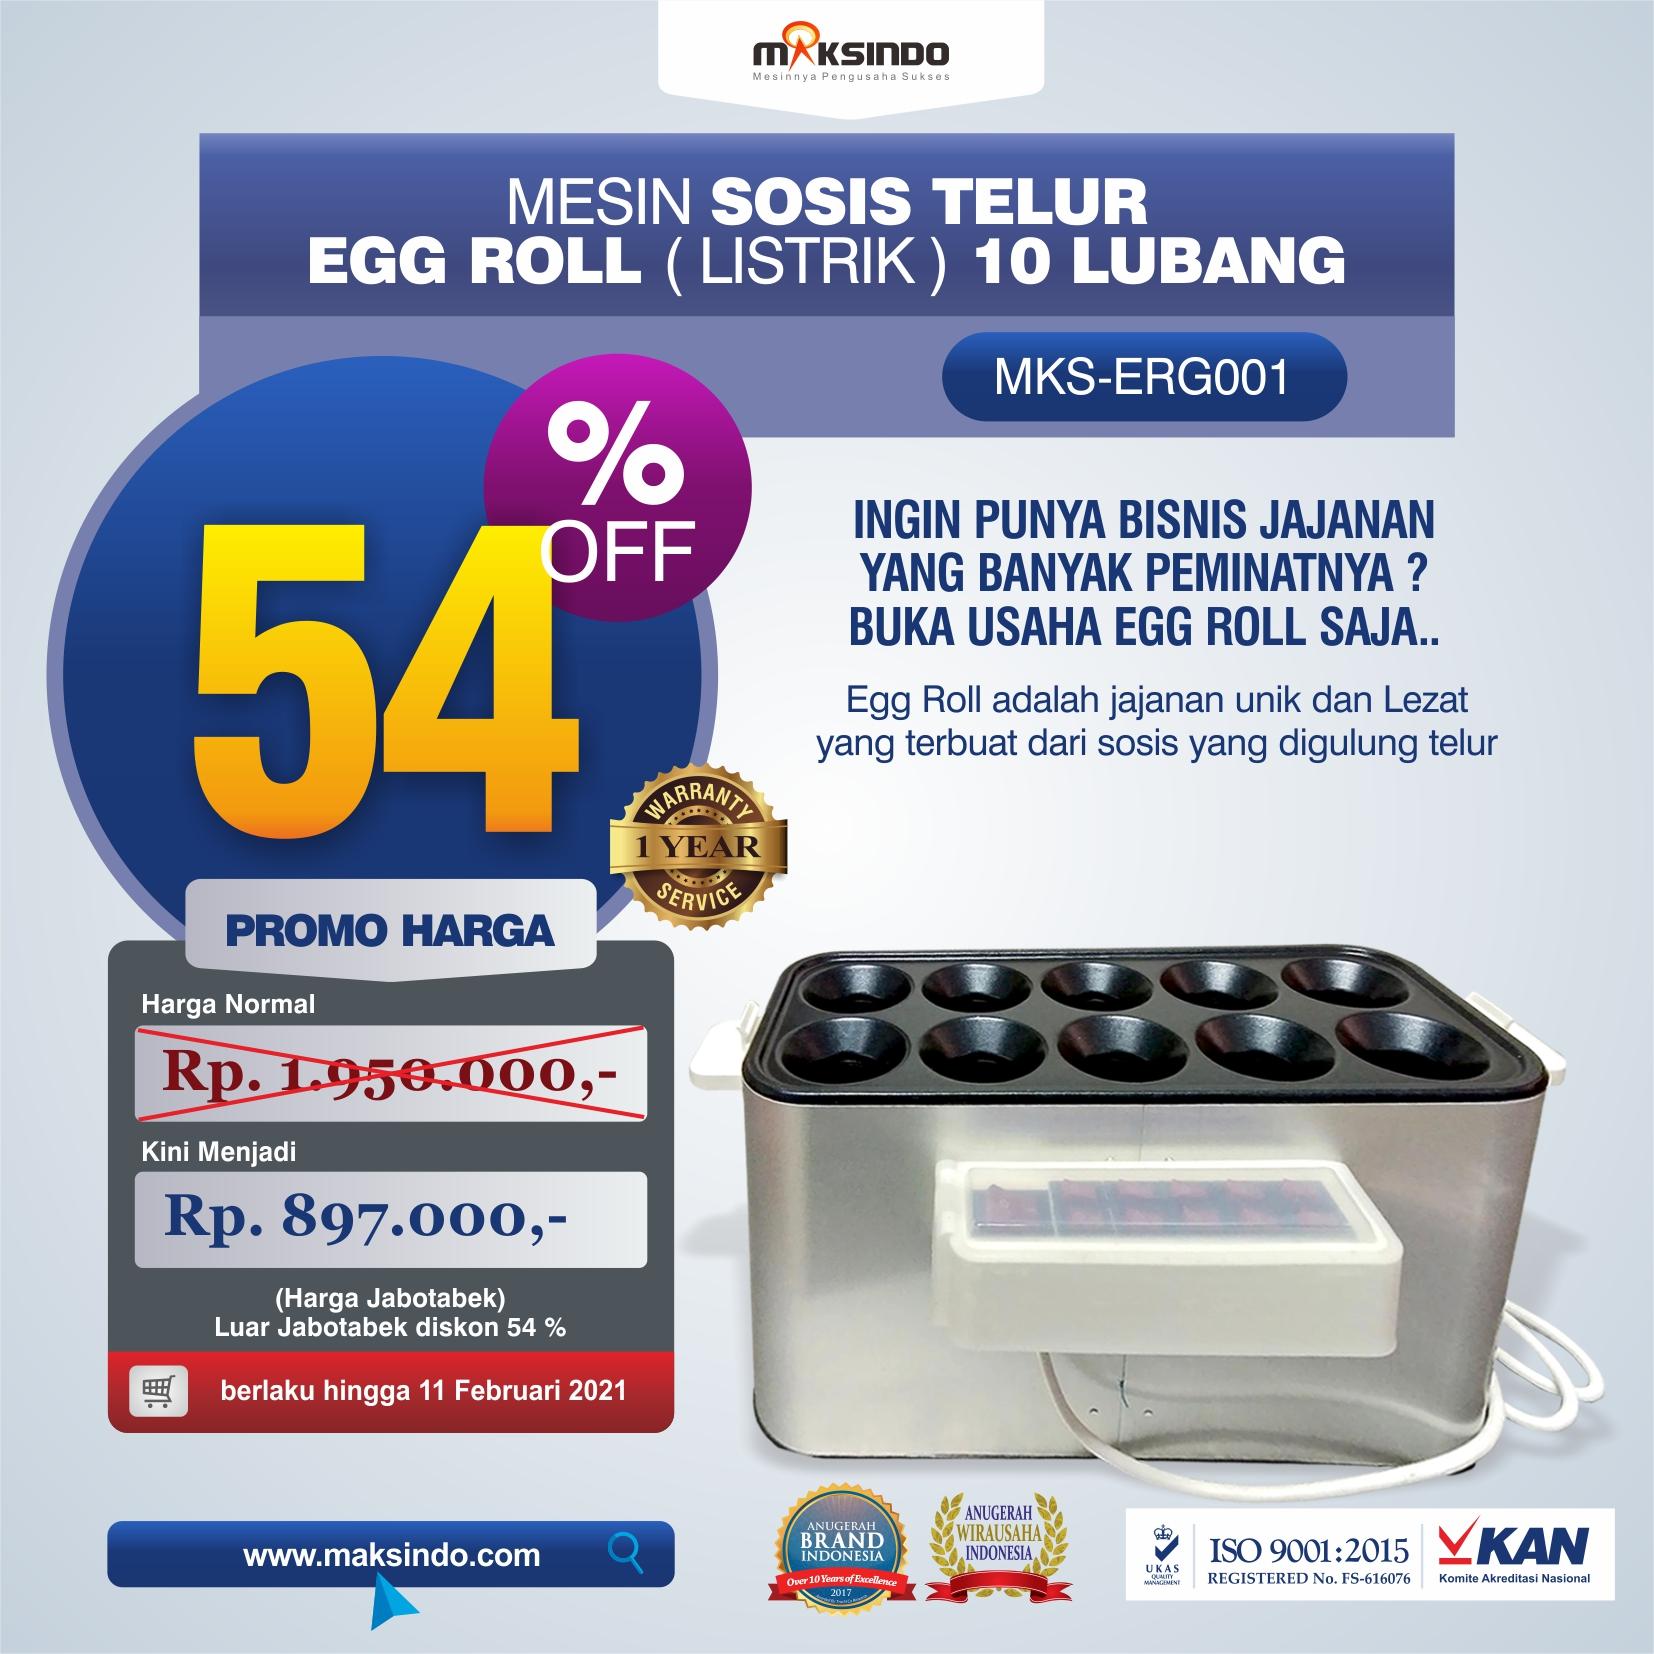 Jual Mesin Pembuat Egg Roll (Listrik) di Makassar